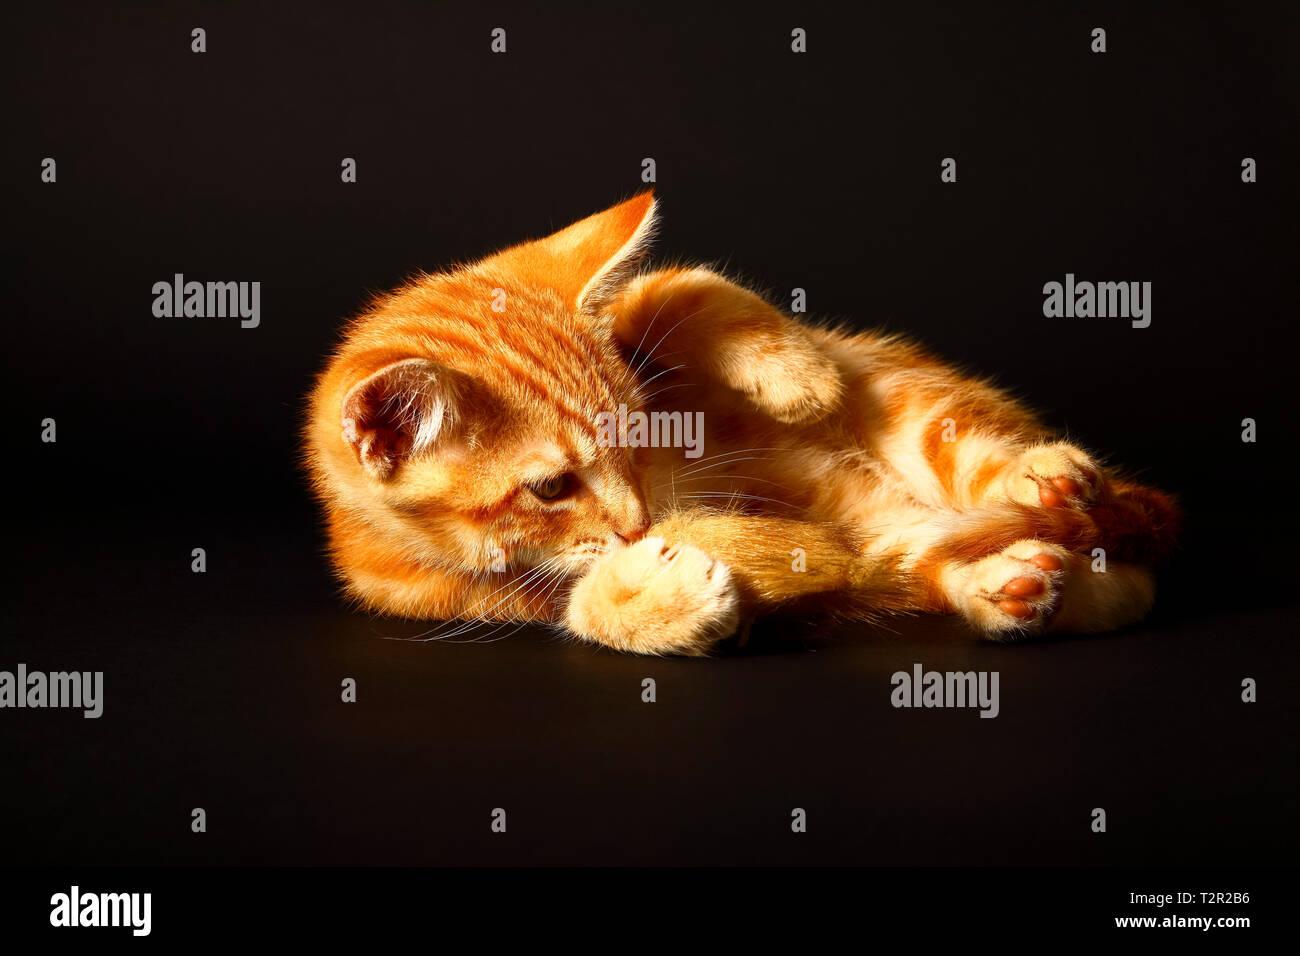 Potrait d'un mignon ginger tabby kitten Playing with a toy mouse isolé sur un fond noir Banque D'Images